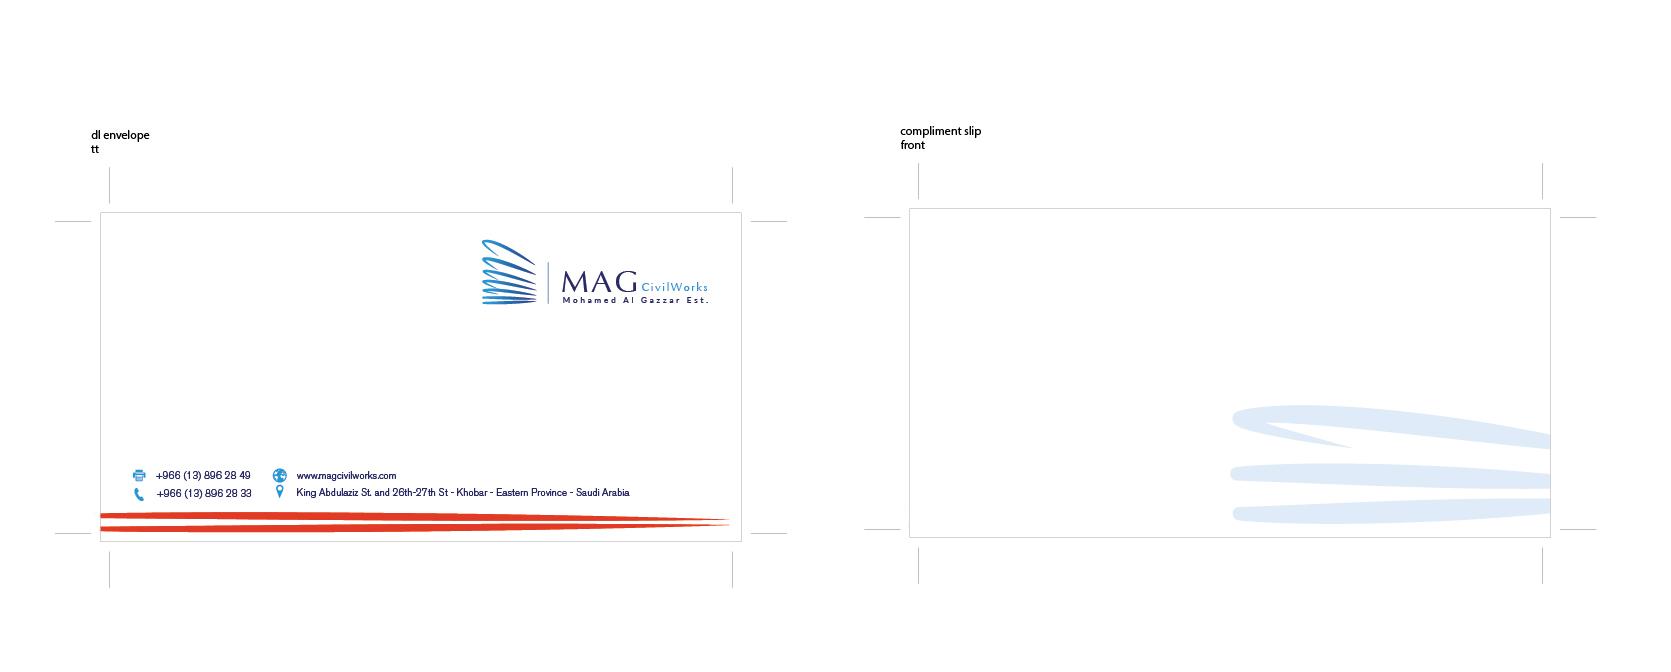 5-envelope-complimentary-slip